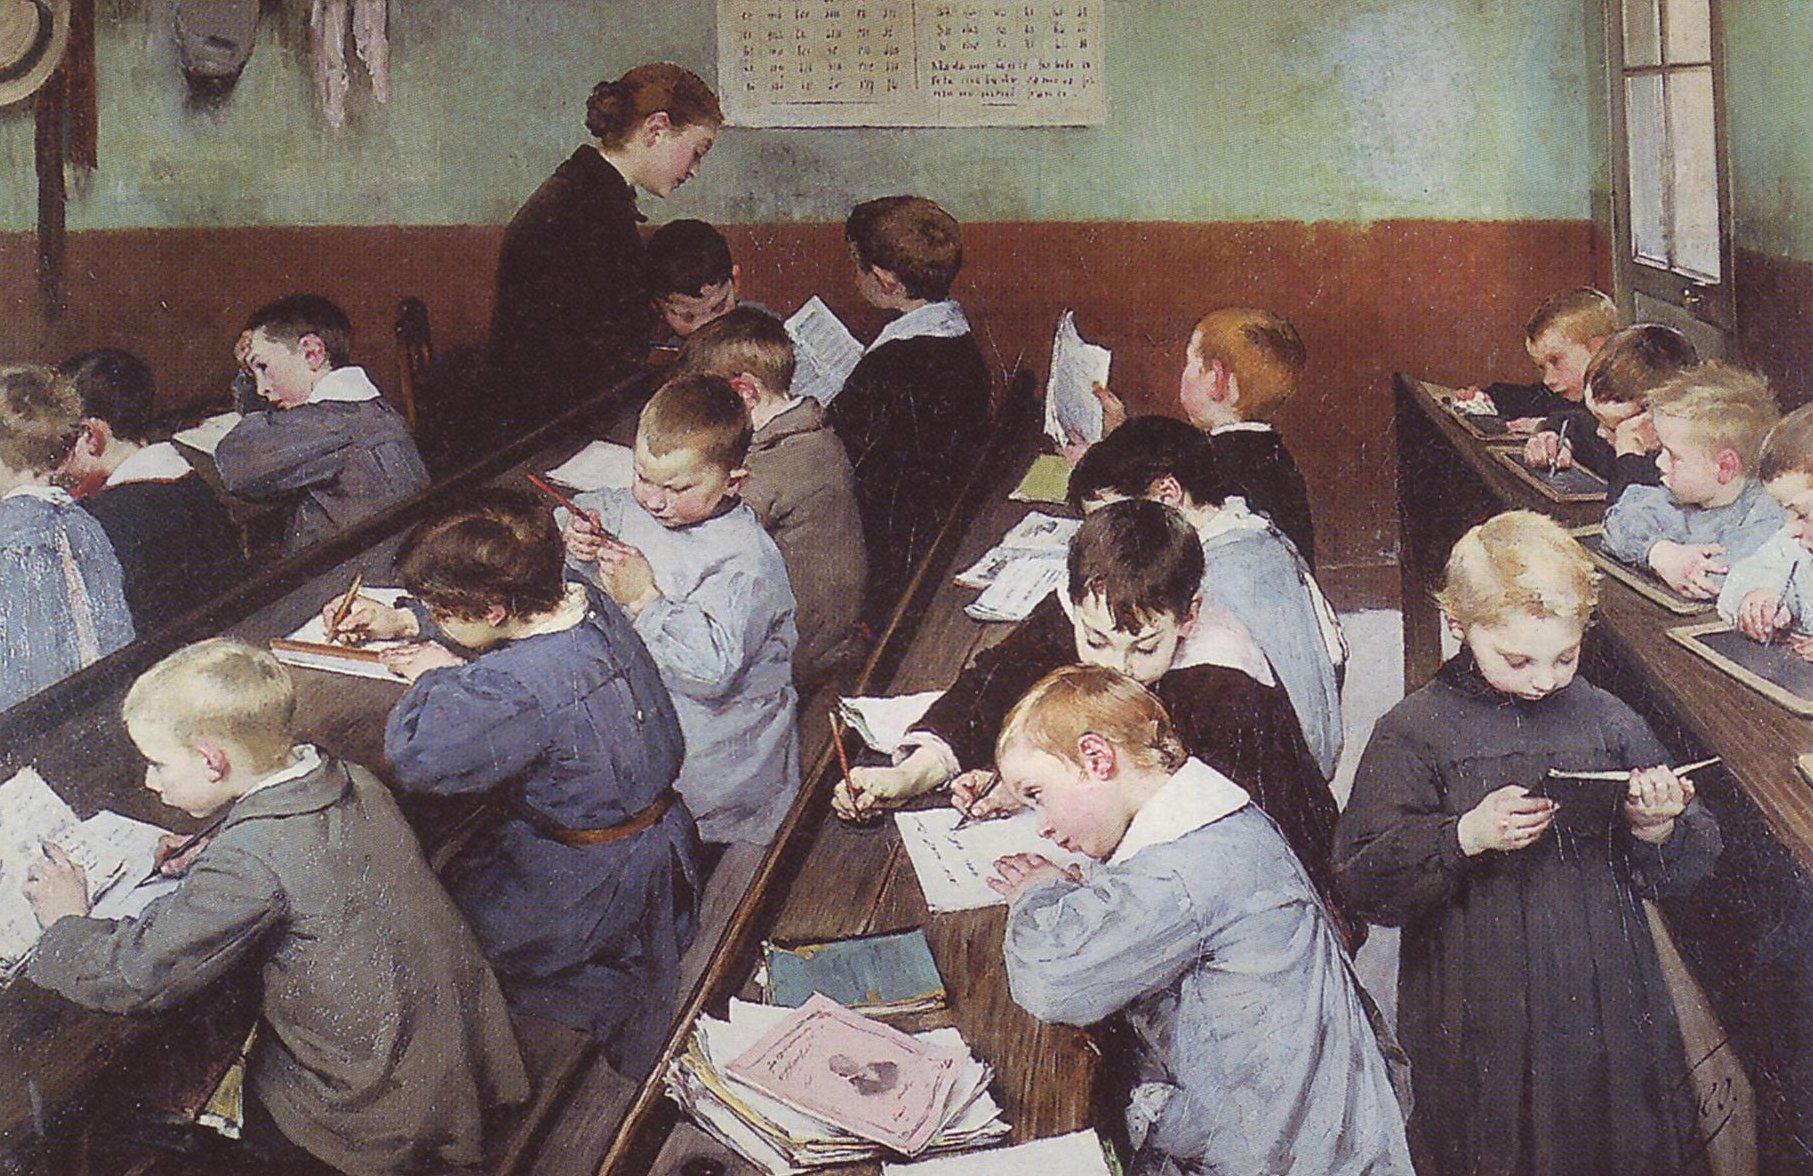 Le travail des petits, par Henry Geoffroy, 1889, Ministère de l'Éducation nationale